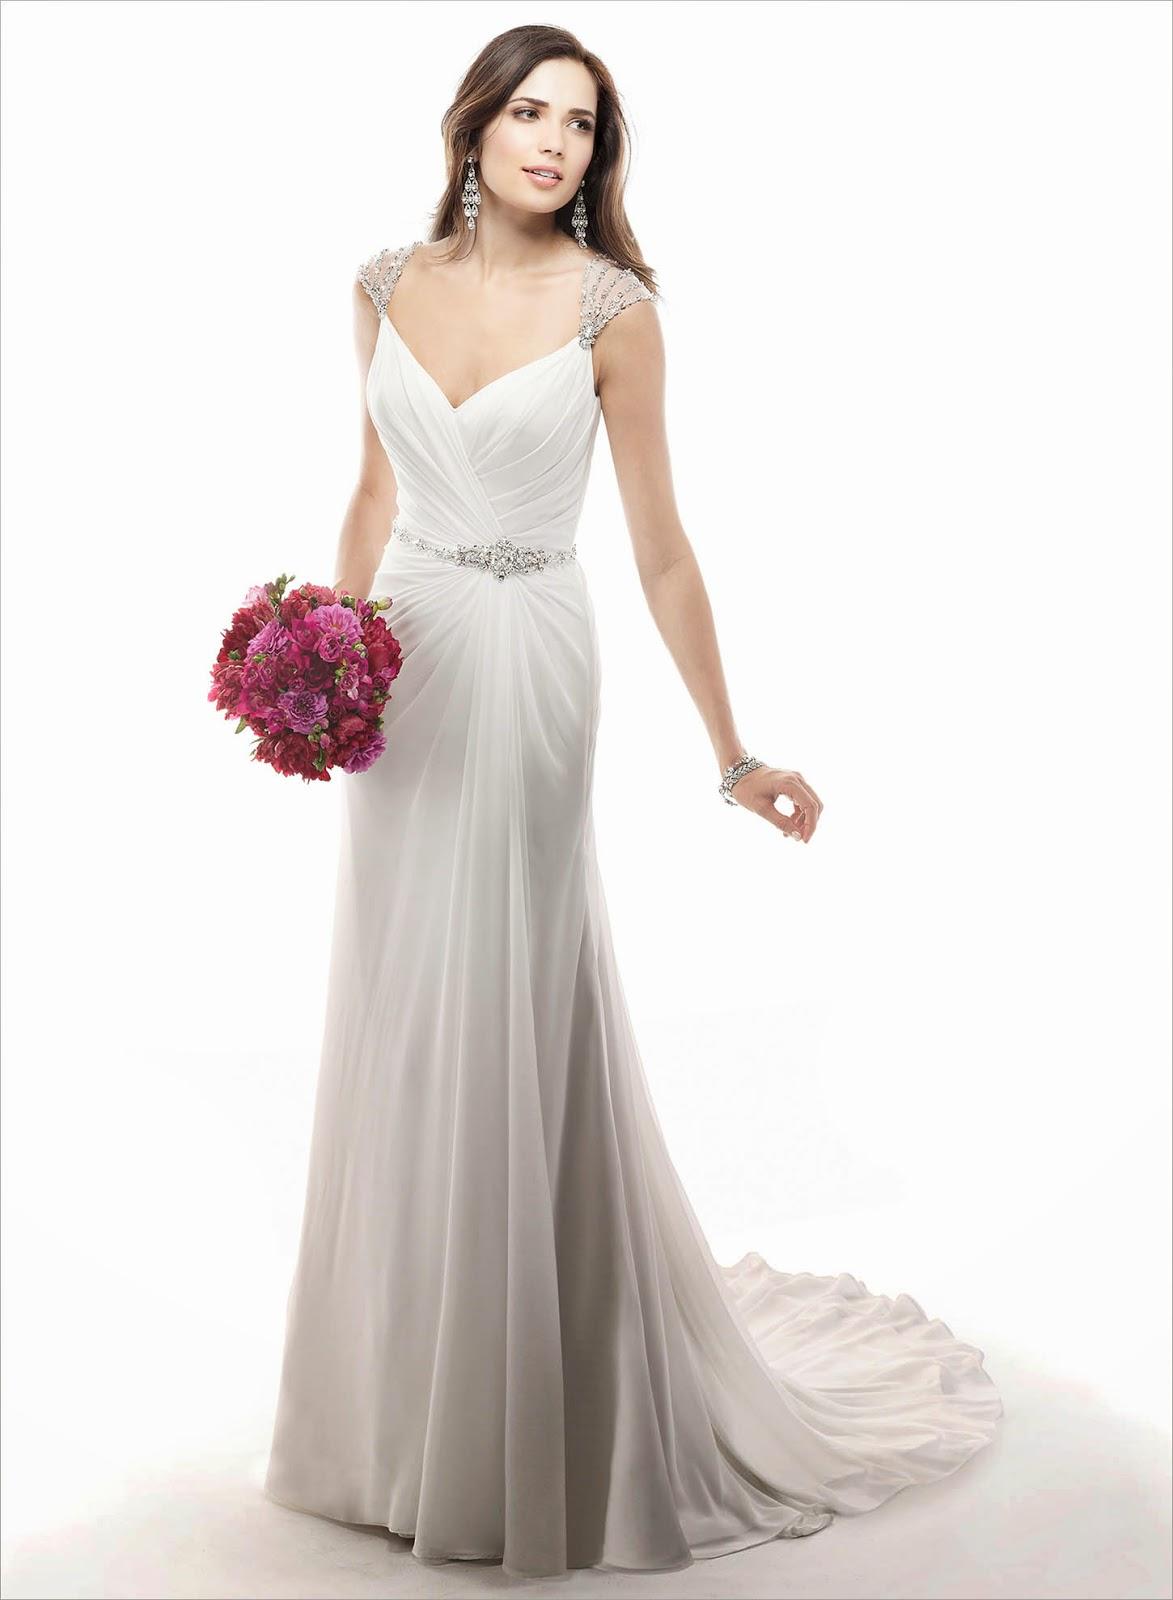 c3d91d5f9091b ... il sito online Rosa Novias sono abiti che fanno sognare ogni ragazza  che aspetta il grande giorno del suo matrimonio per apparire al meglio al  suo Lui ...